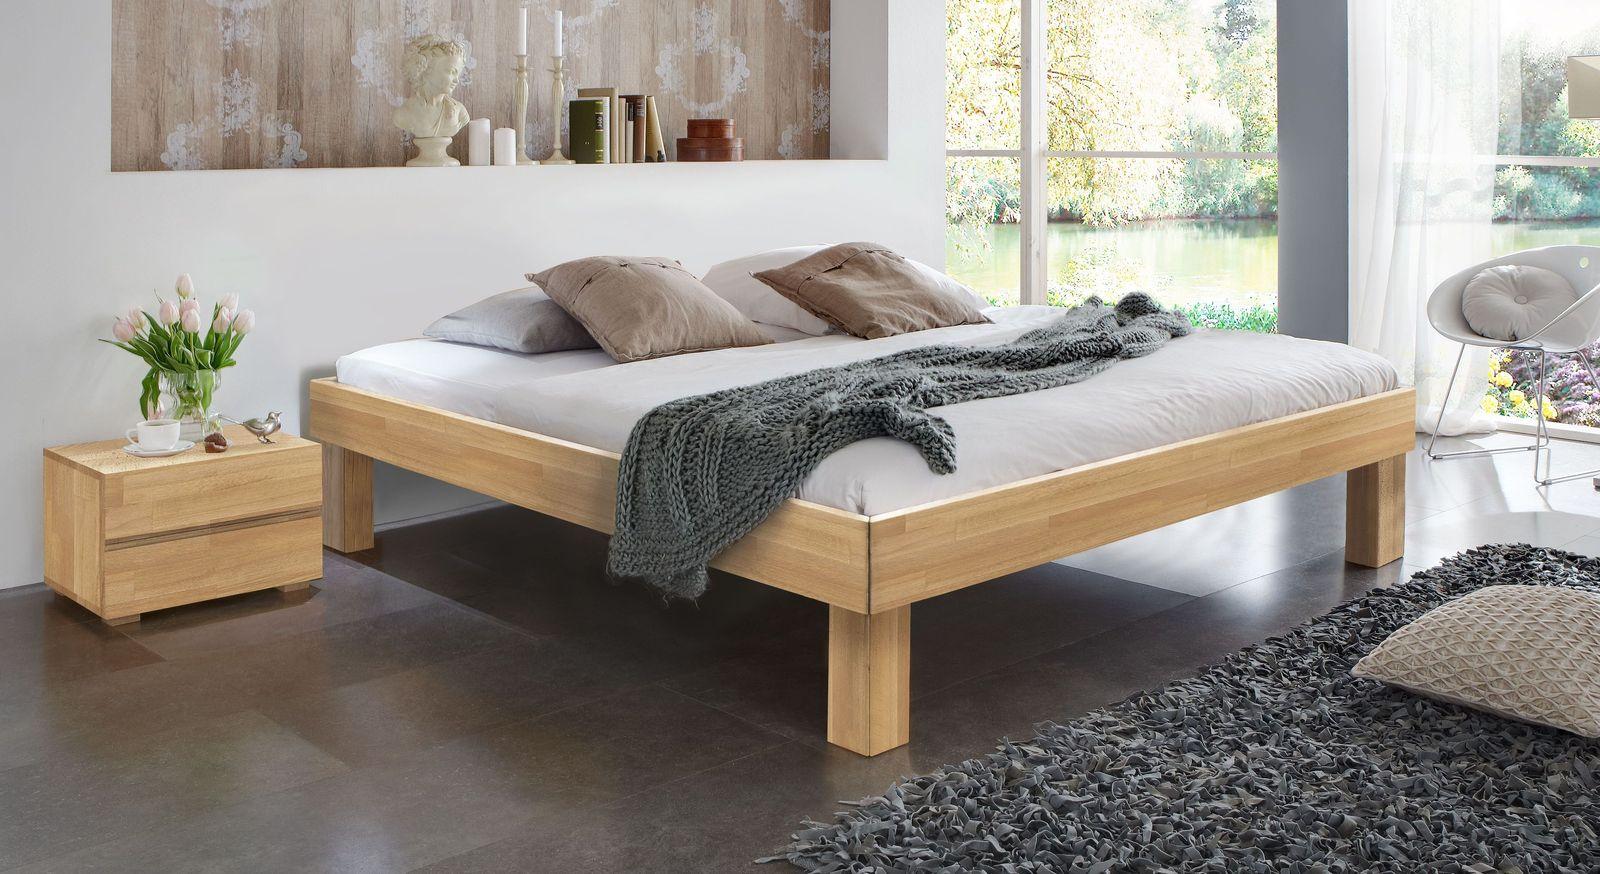 Massivholzliege Madrid Komfort aus Buche mit 25 cm hohen Füßen